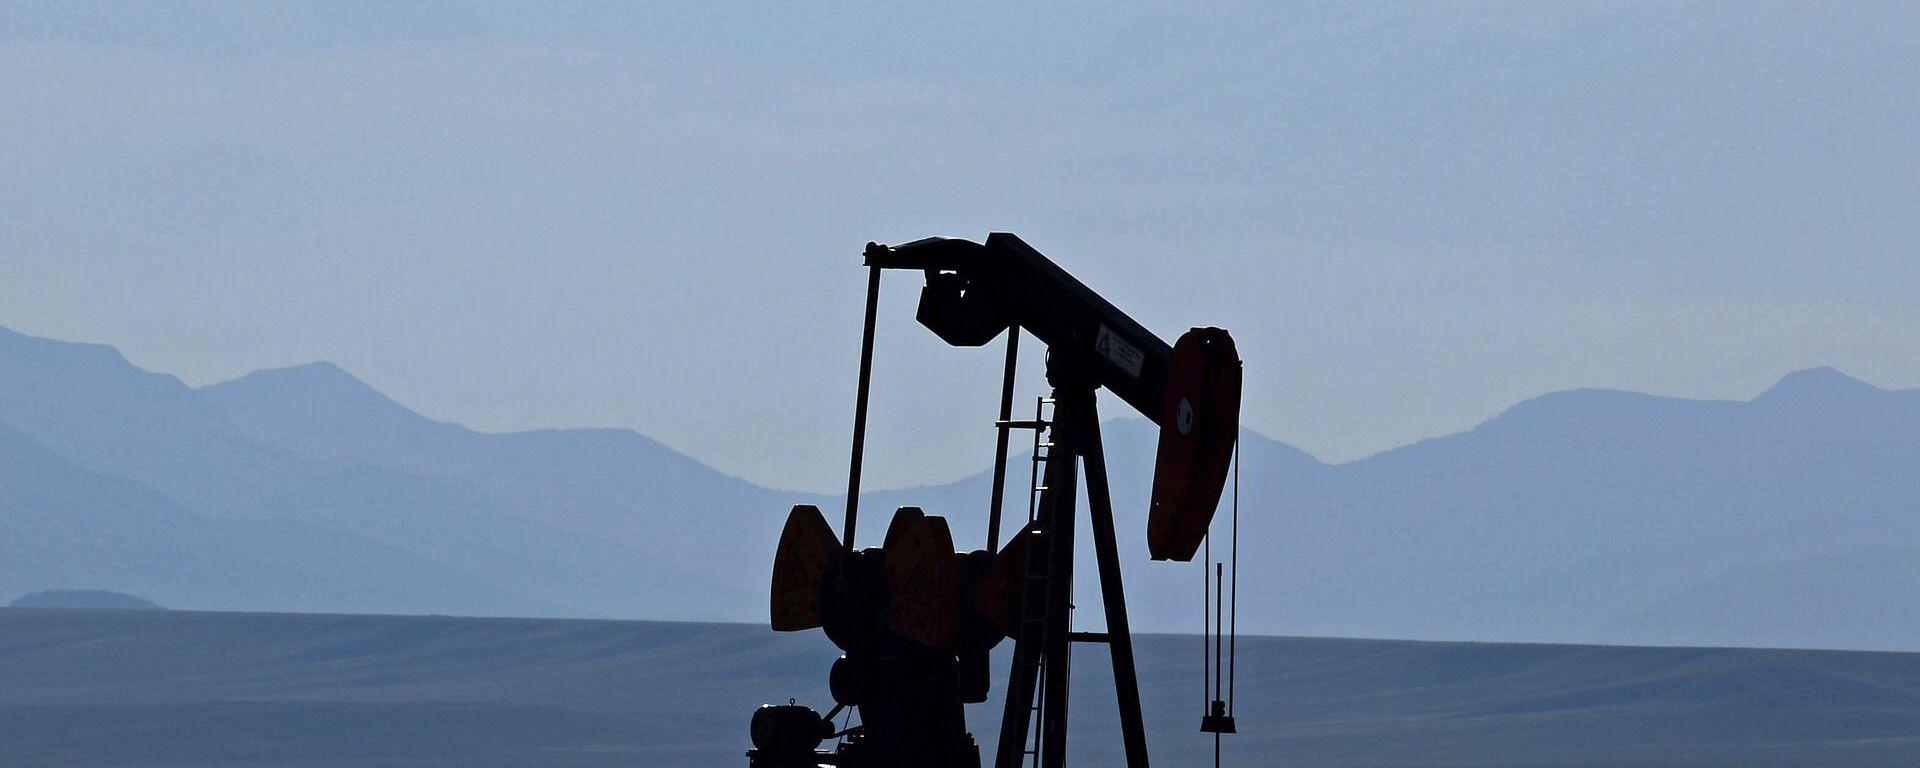 Estrazione di petrolio negli USA - Sputnik Italia, 1920, 08.03.2021